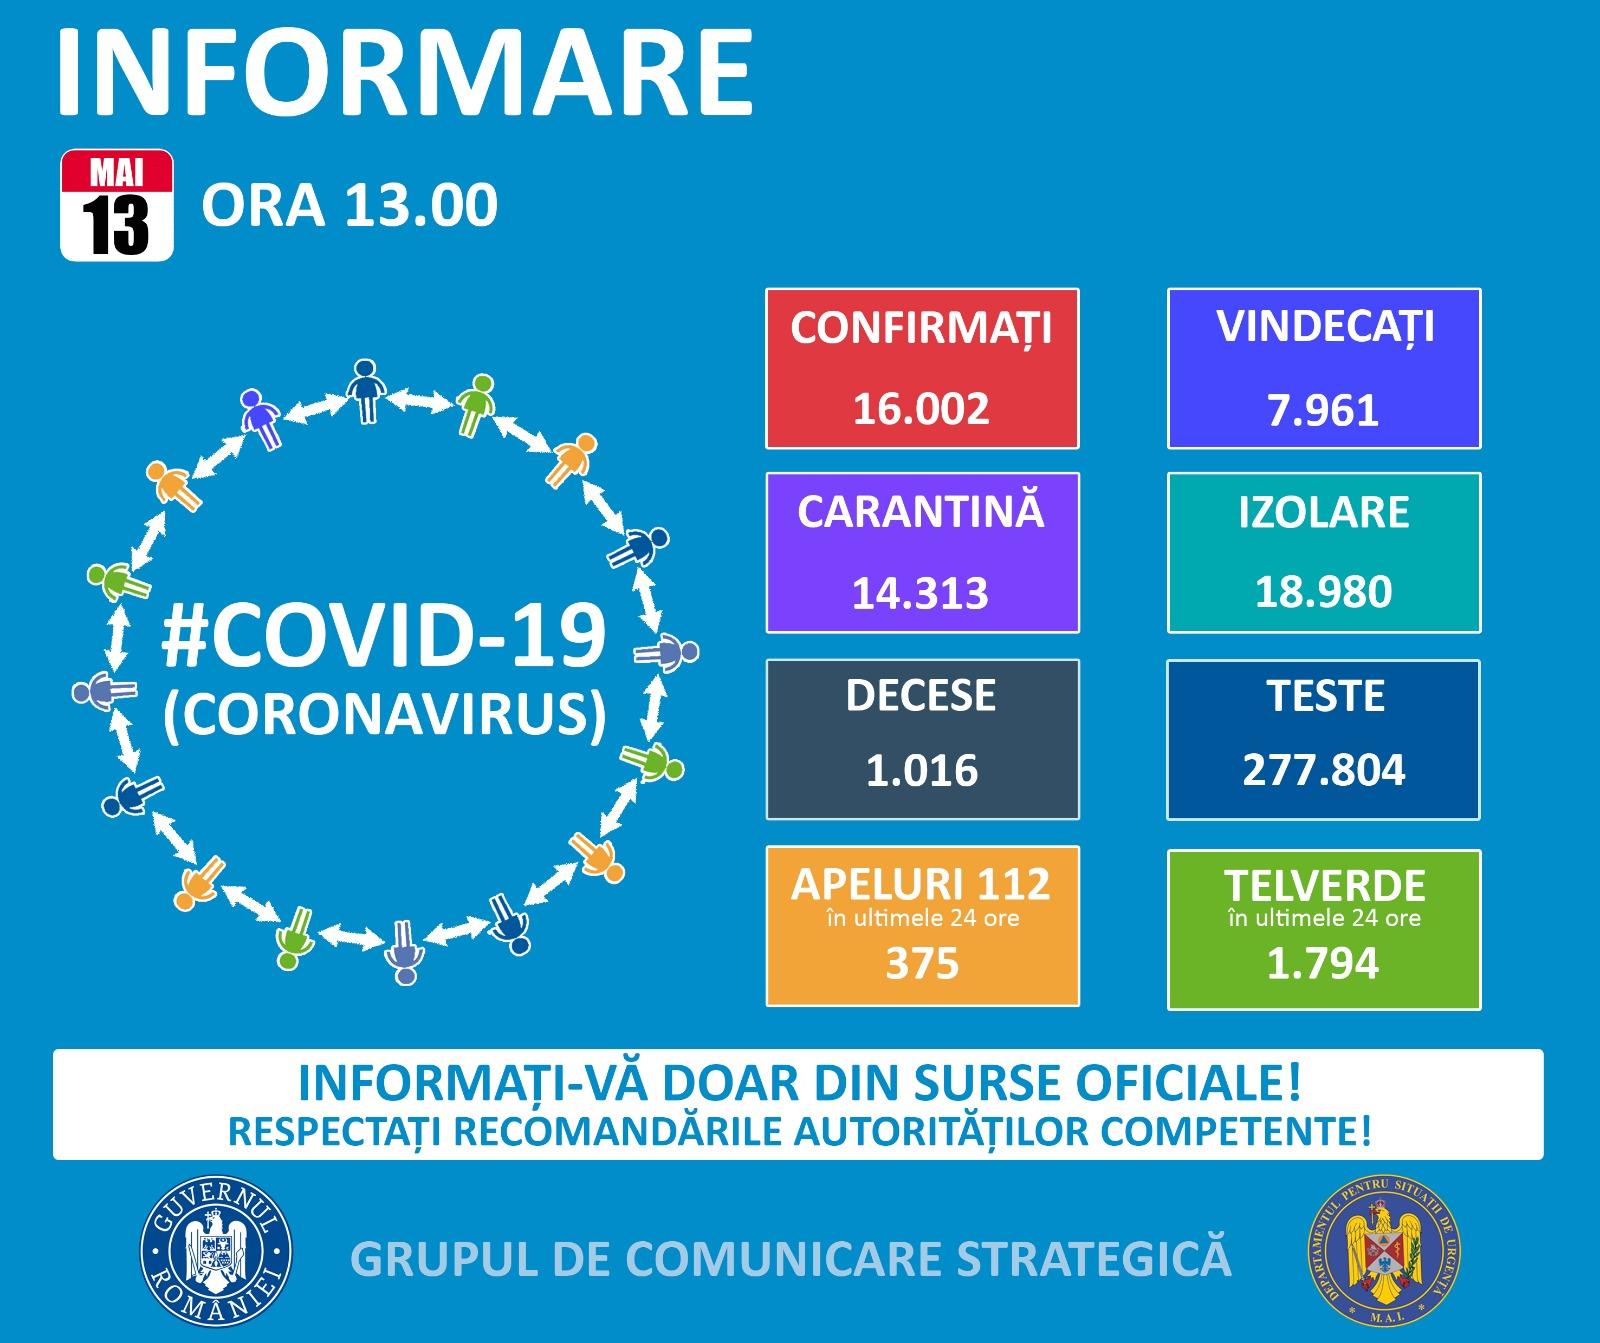 16.002 de cazuri de coronavirus pe teritoriul României. 1.016 persoane au decedat